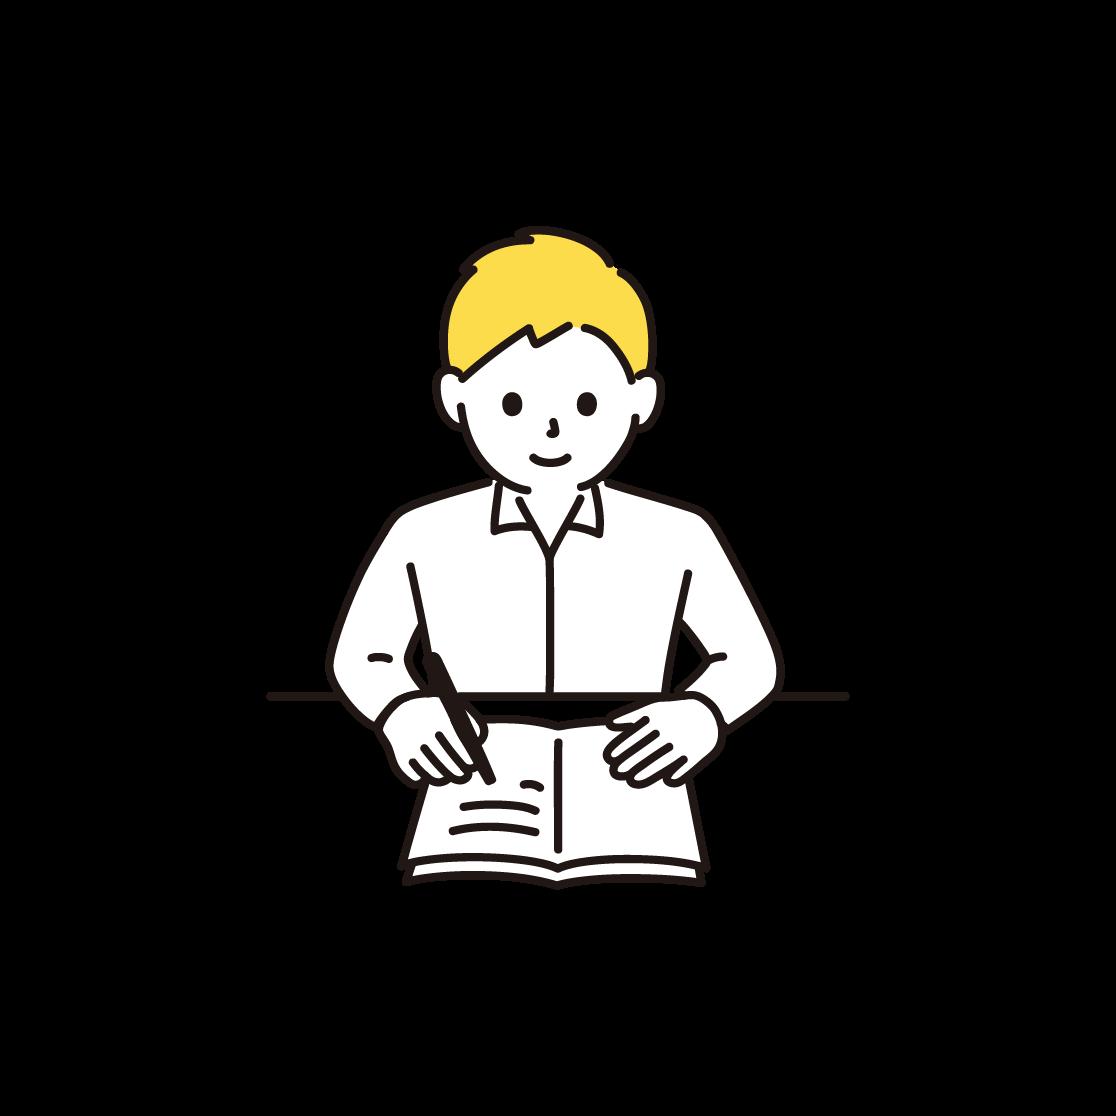 勉強をする男性のイラスト(単色)